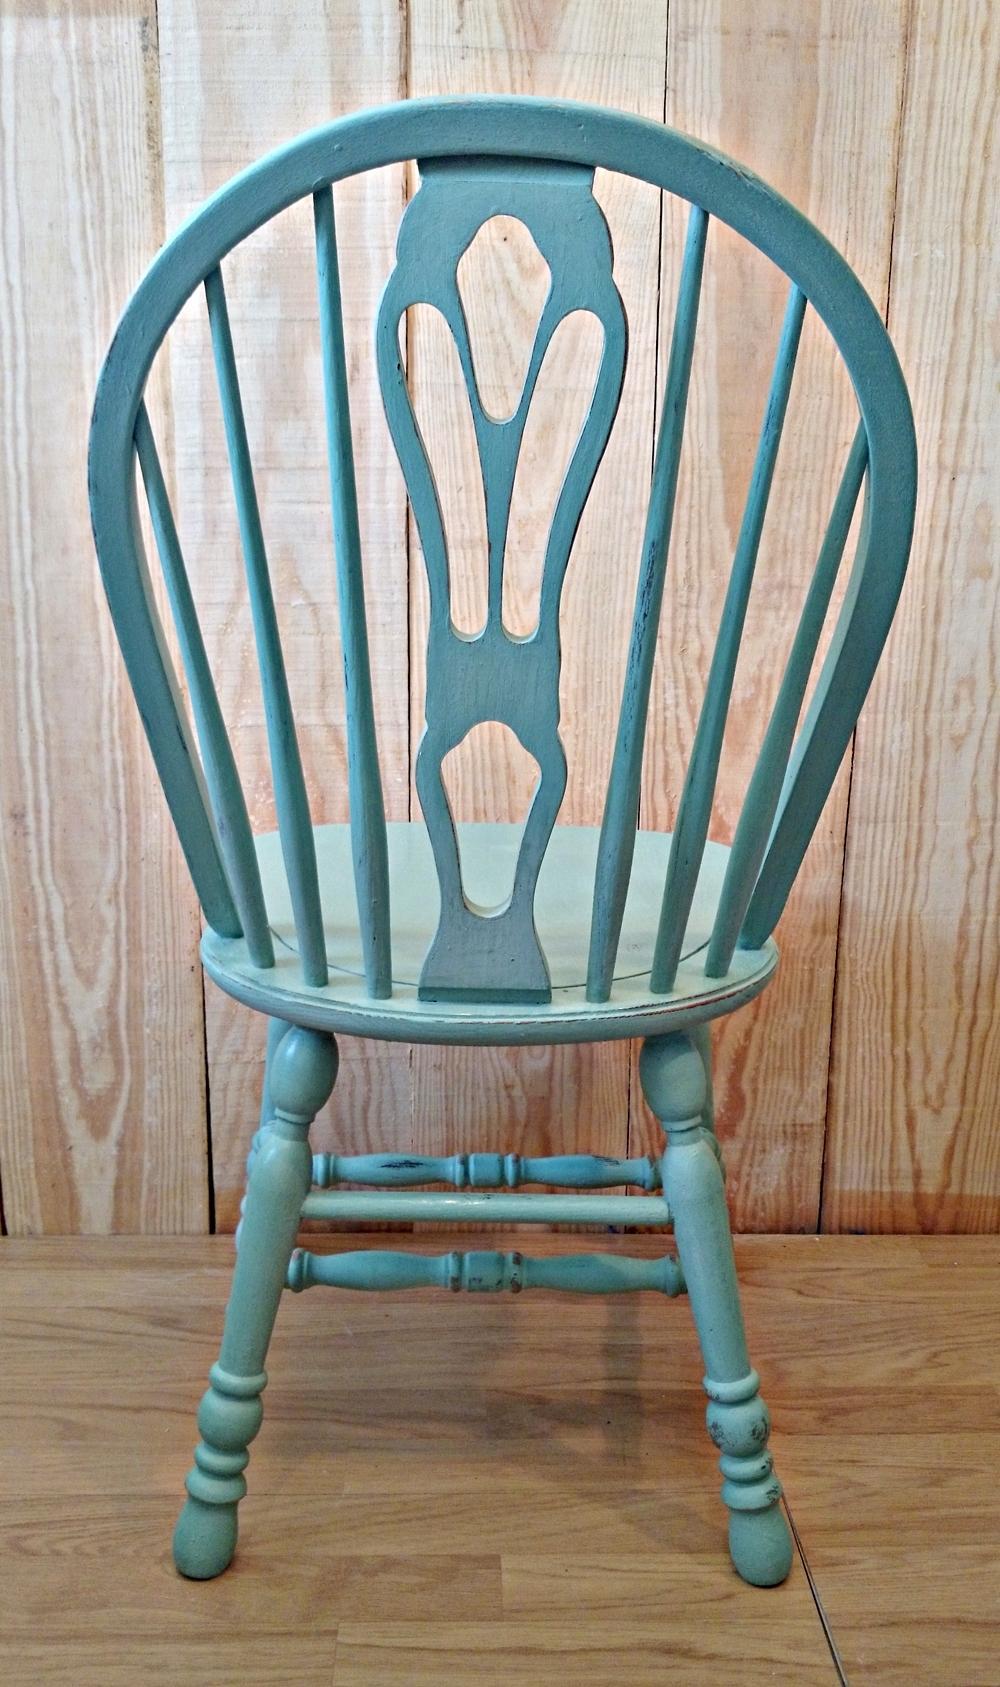 silla vintage verde pastel  Tienda online de decoracin y